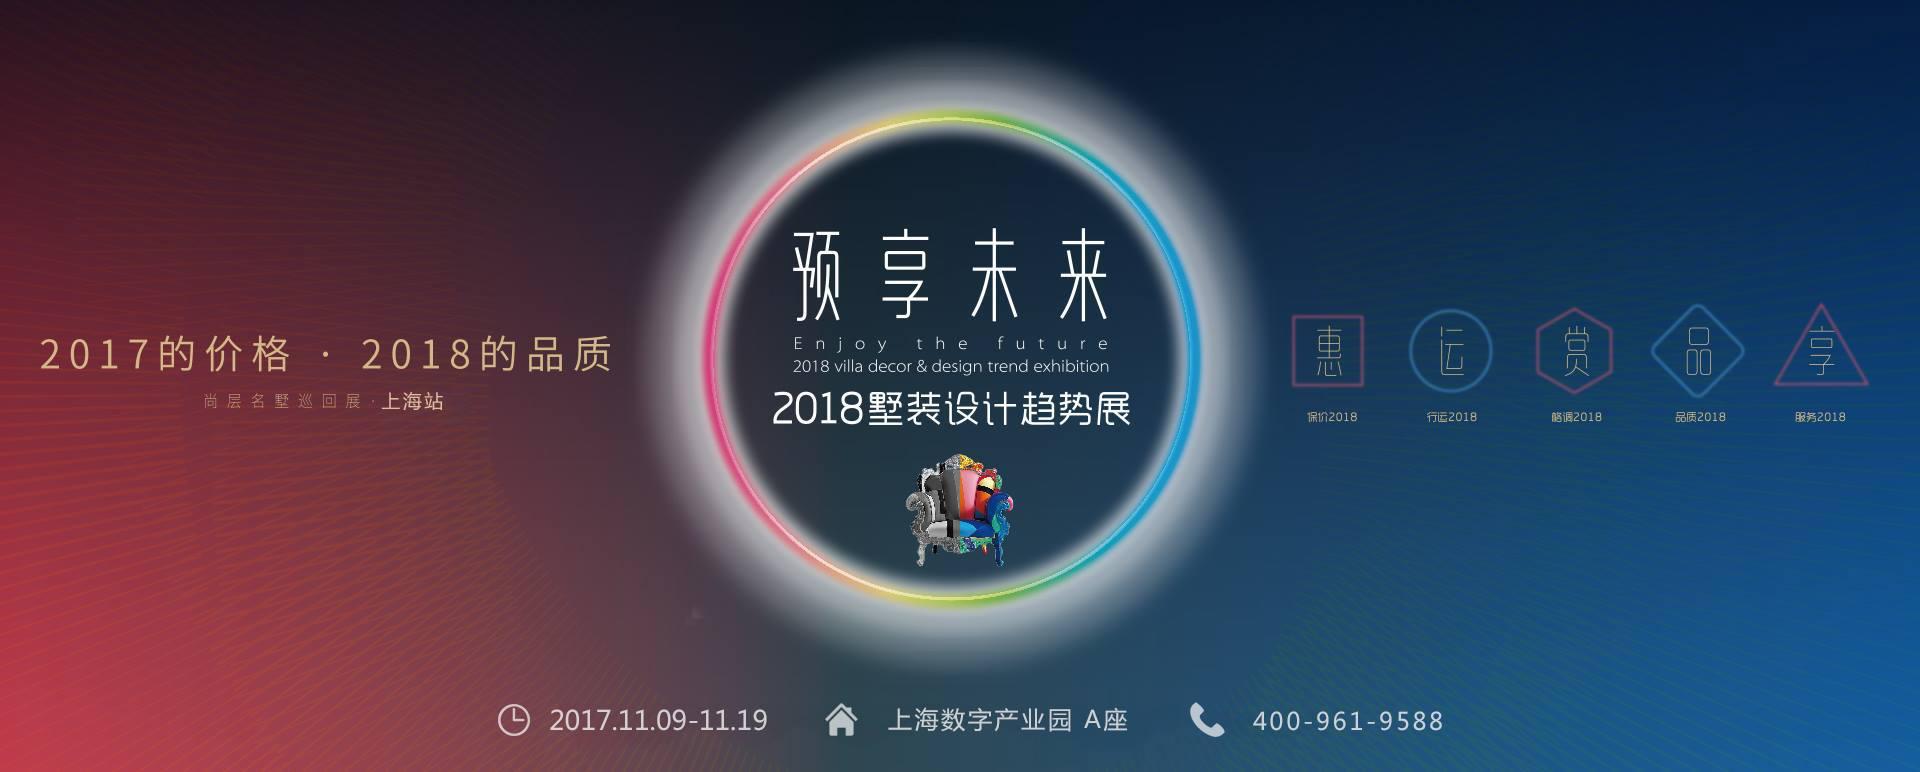 2018别墅装修设计趋势展